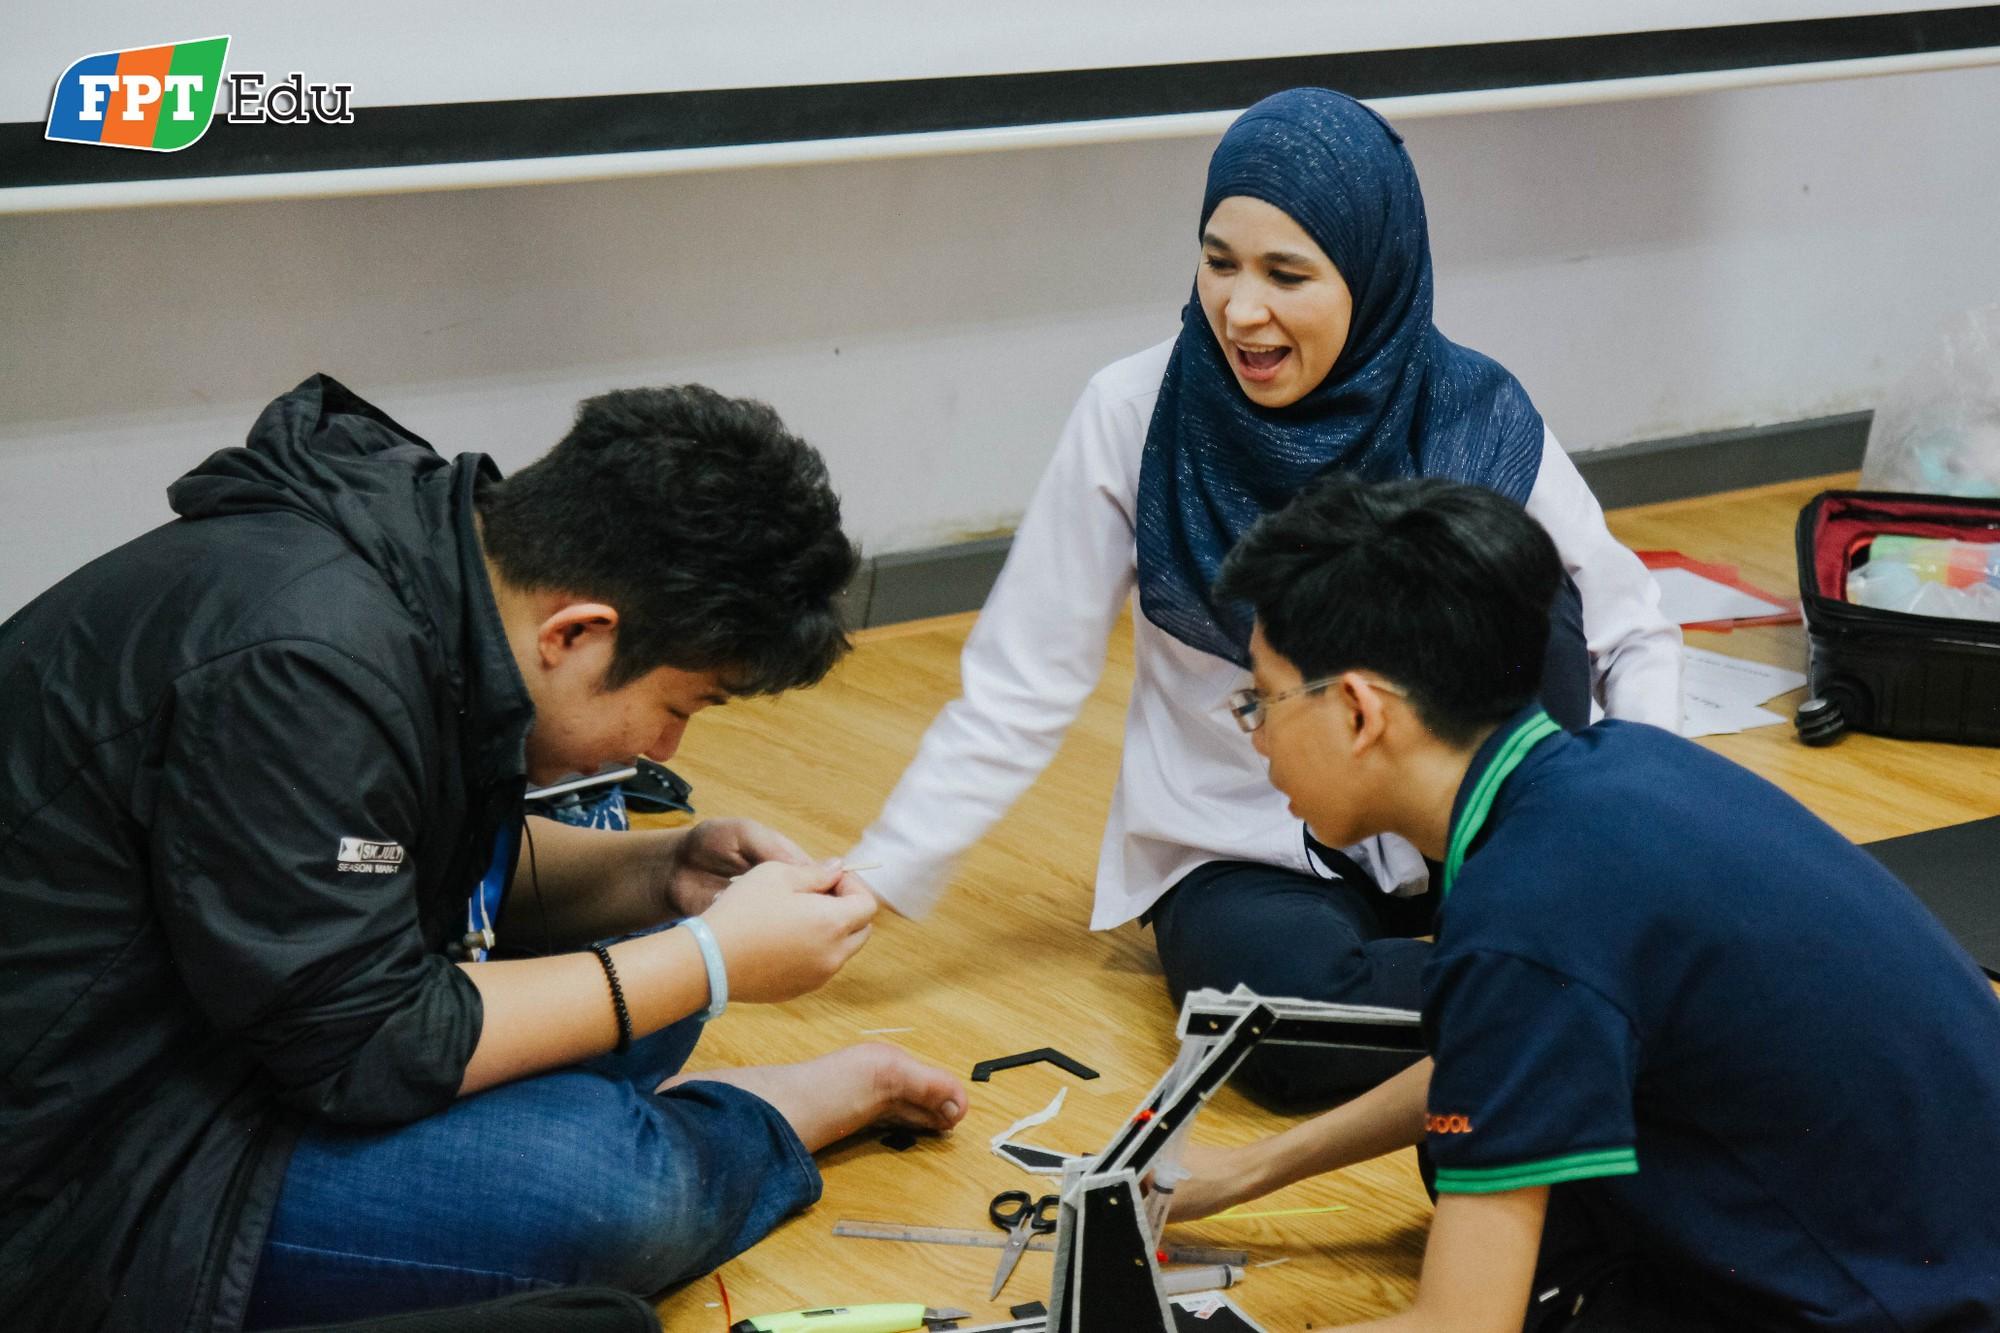 Học sinh FPT tự tay làm thí nghiệm khoa học với trường dạy dầu khí hàng đầu Malaysia - Ảnh 8.